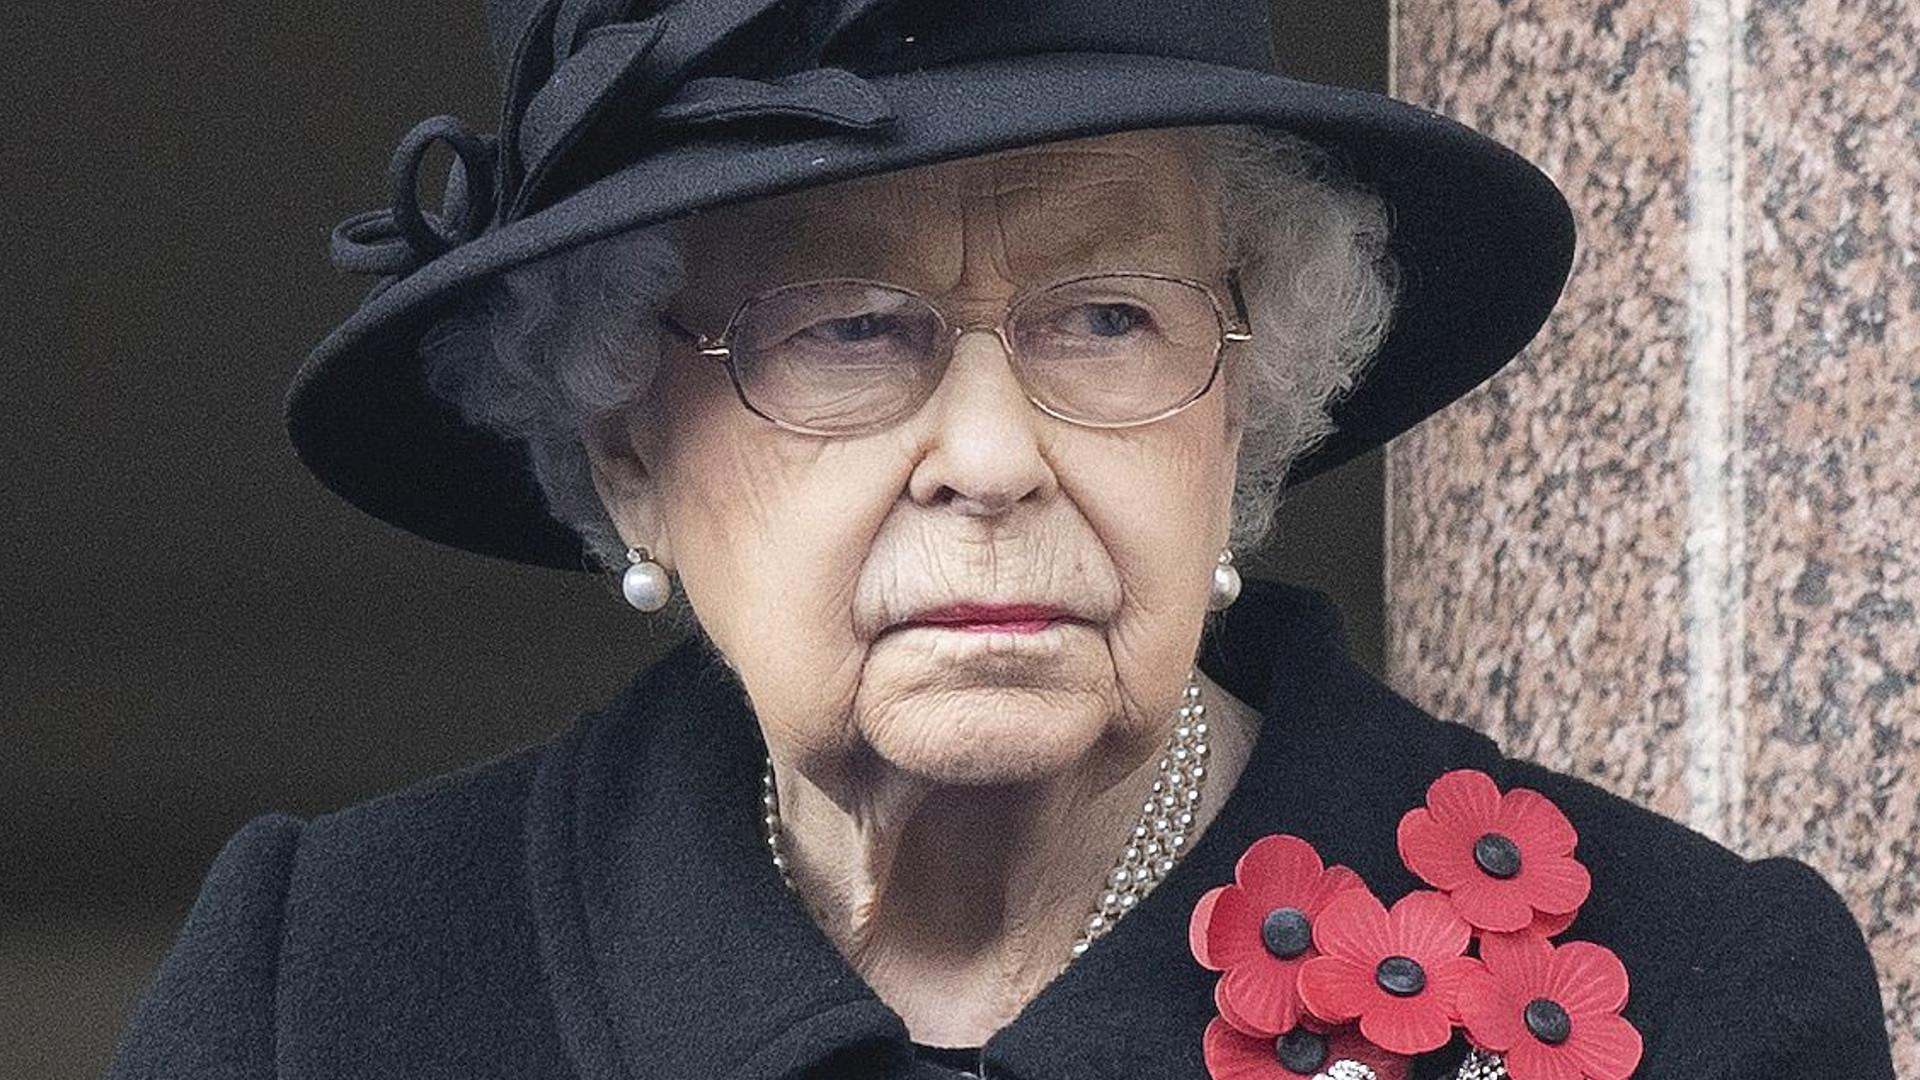 Królowa Elżbieta straciła ukochanego pieska – dostała go, gdy książę Filip przebywał w szpitalu